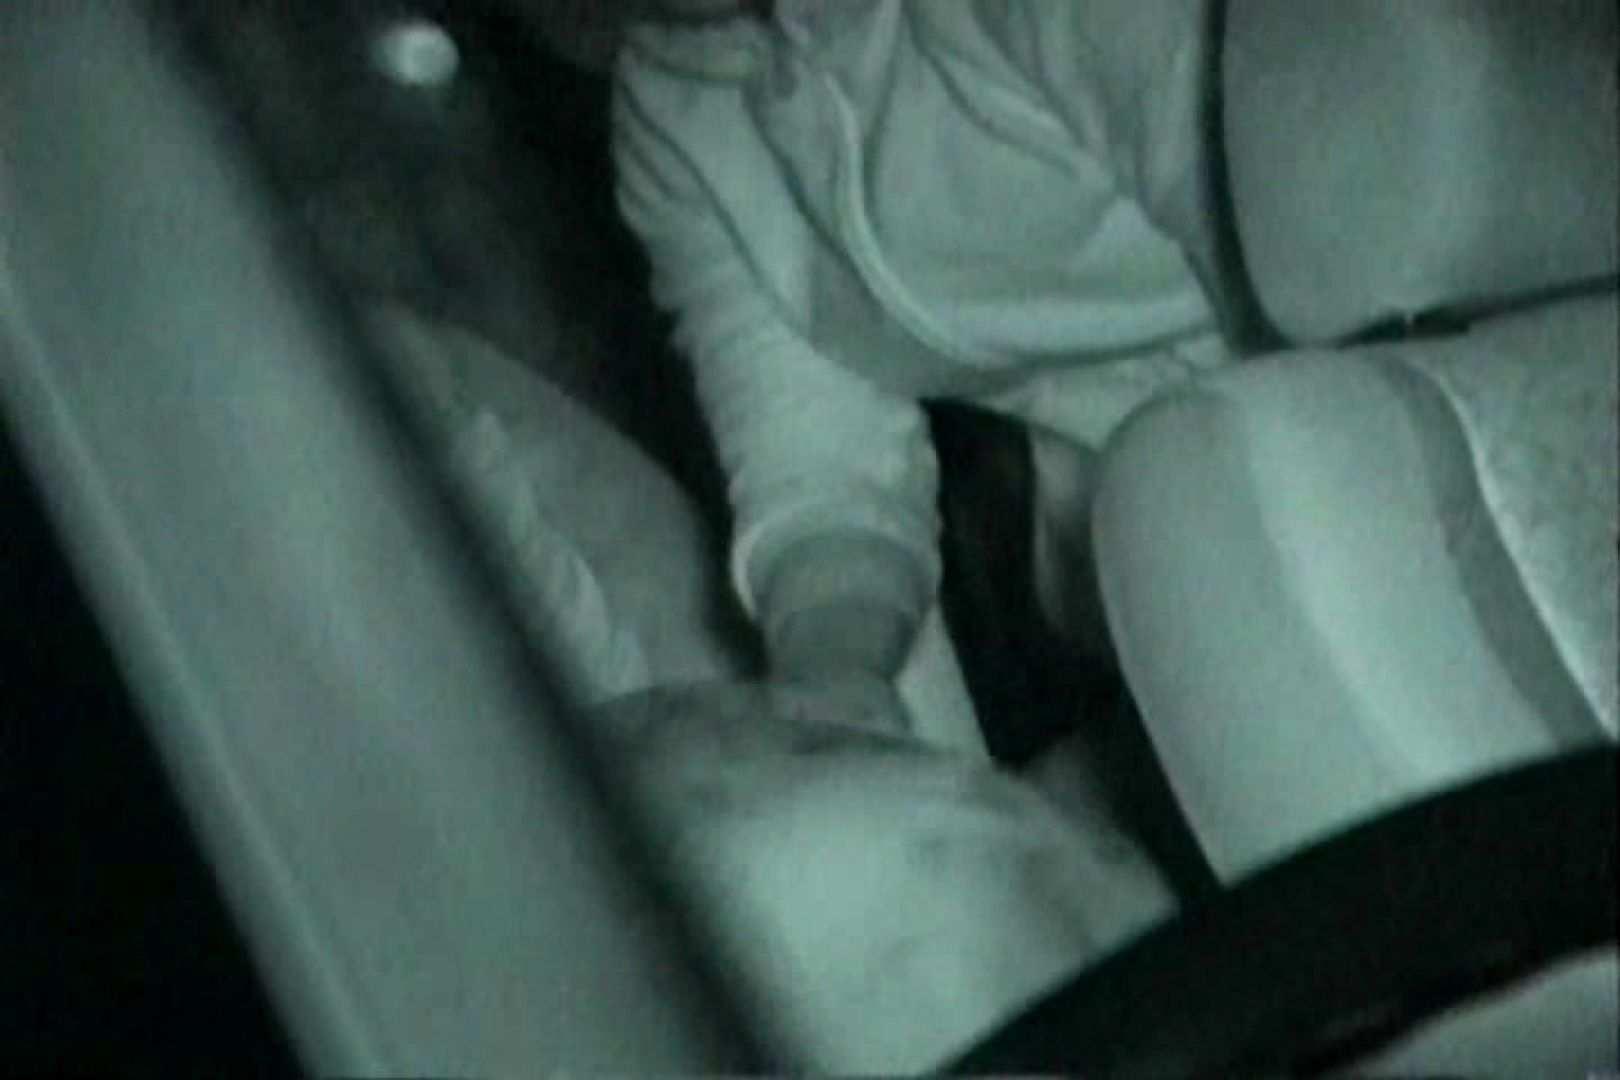 充血監督の深夜の運動会Vol.126 その他 盗み撮りSEX無修正画像 92pic 79